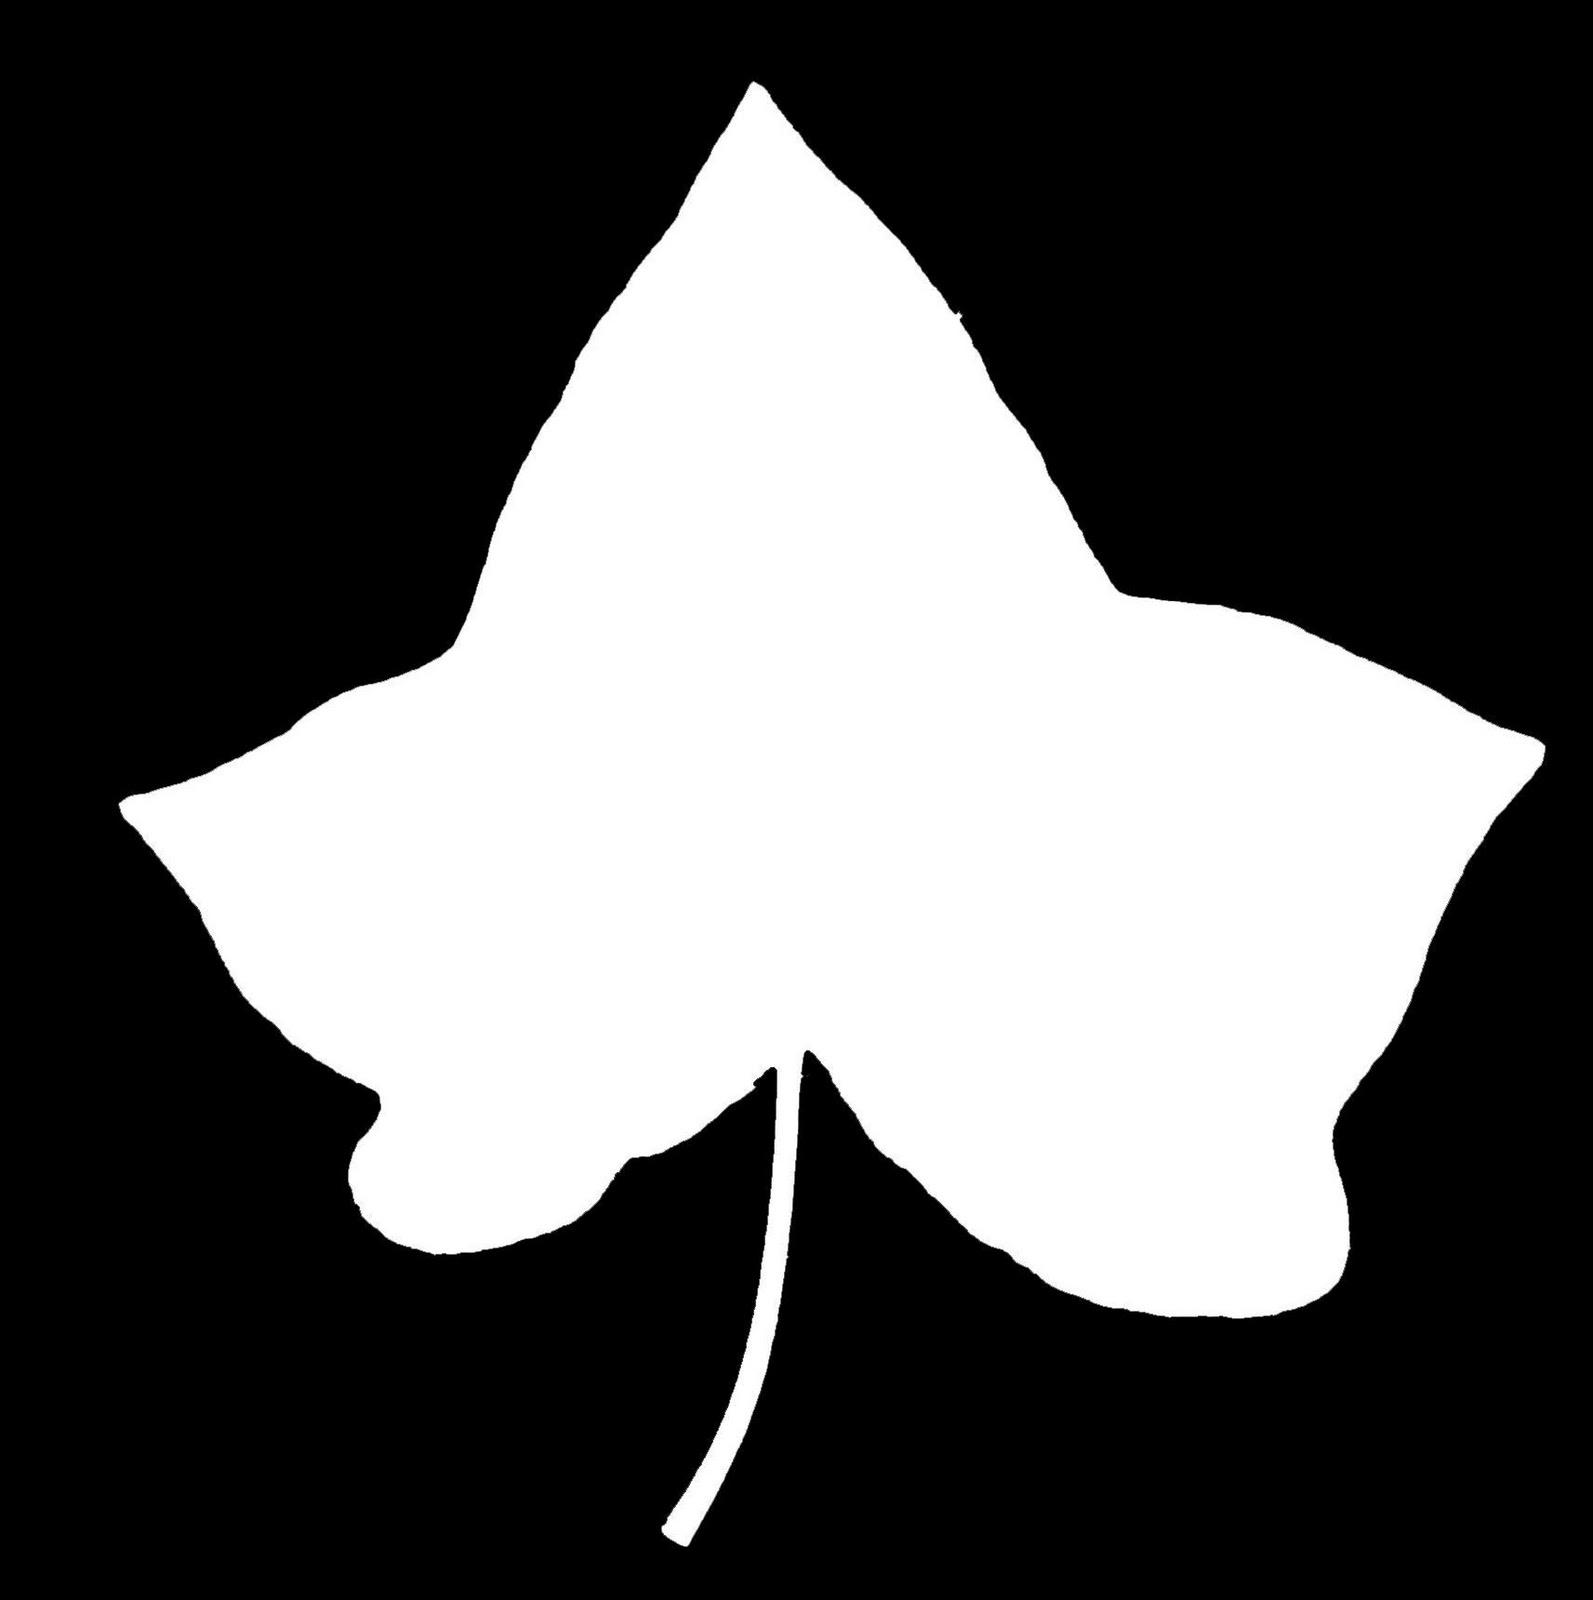 Alpha phi ivy leaf clip art png freeuse Alpha phi ivy leaf clip art - ClipartFest png freeuse